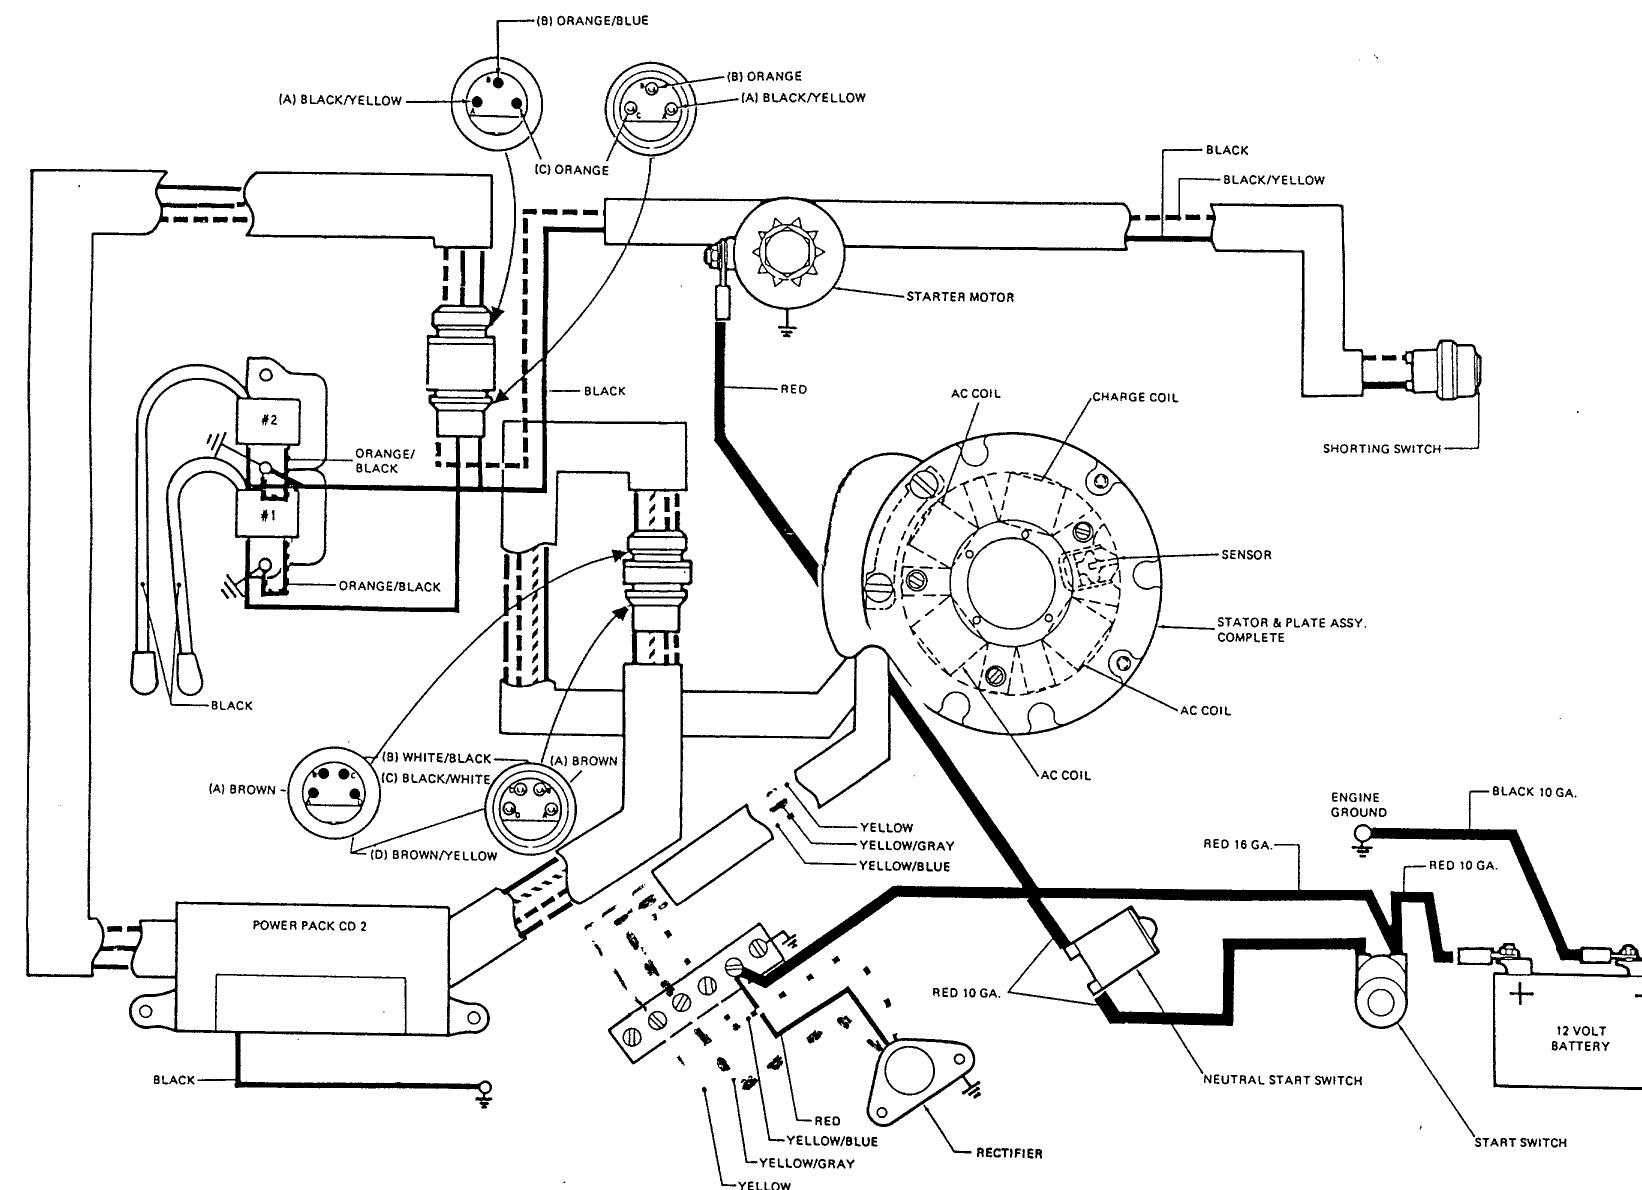 Mercury 9 9 Wiring Diagram - Wiring Diagram All Data - Mercury Outboard Power Trim Wiring Diagram